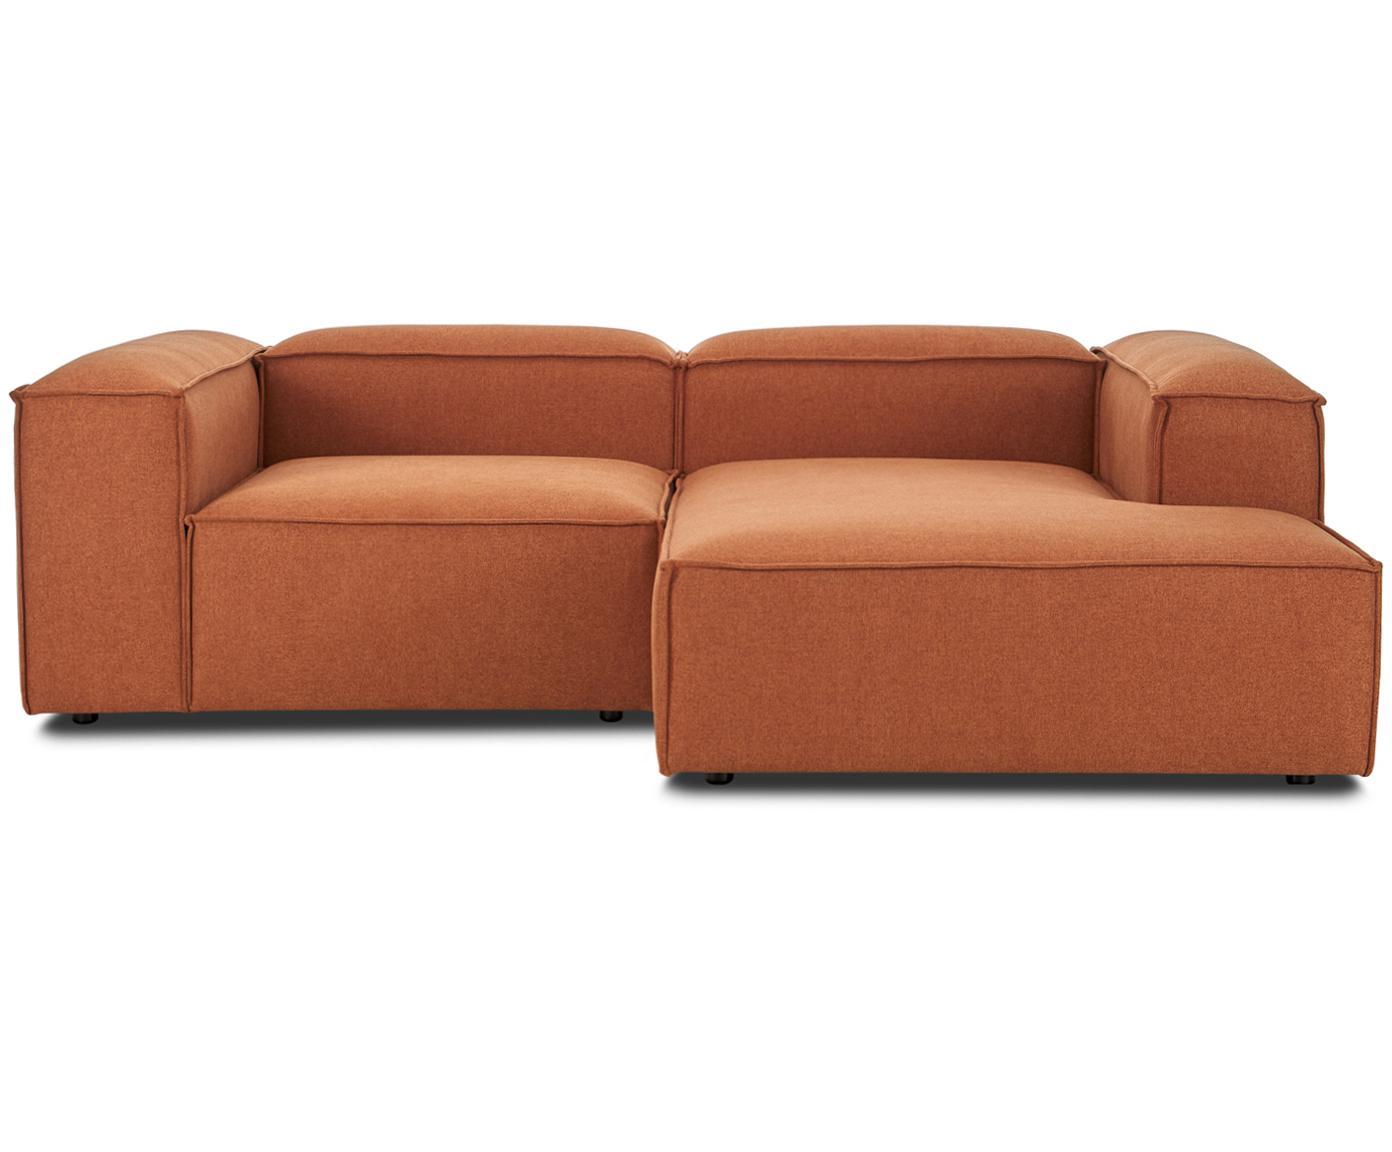 Sofa modułowa narożna Lennon, Tapicerka: poliester 35 000 cykli w , Stelaż: lite drewno sosnowe, skle, Nogi: tworzywo sztuczne, Terakota, S 238 x G 180 cm